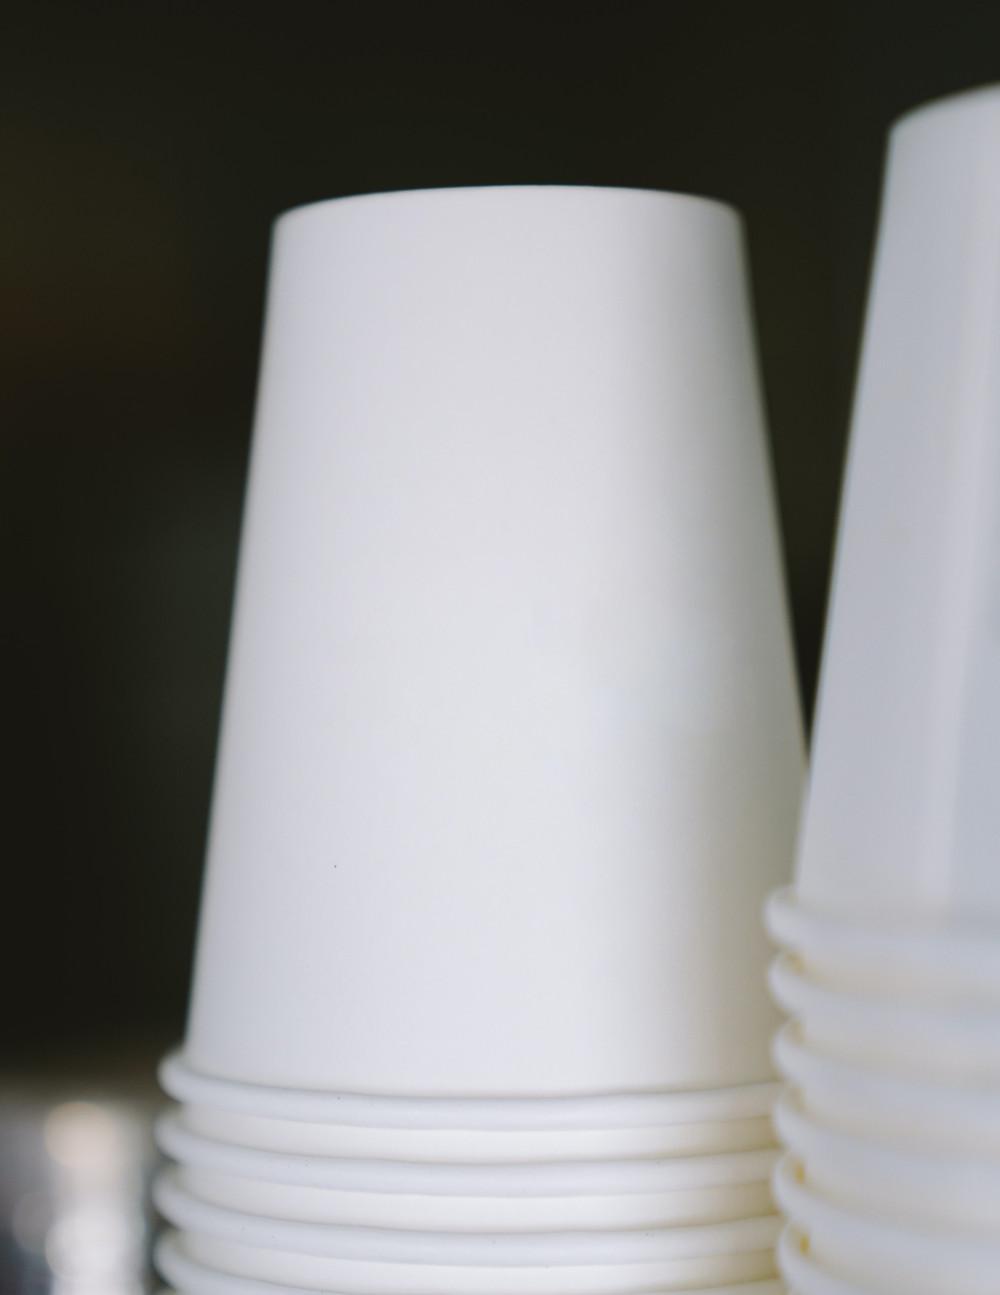 verres en carton pour vente à emporter dans les restaurants et hôtels